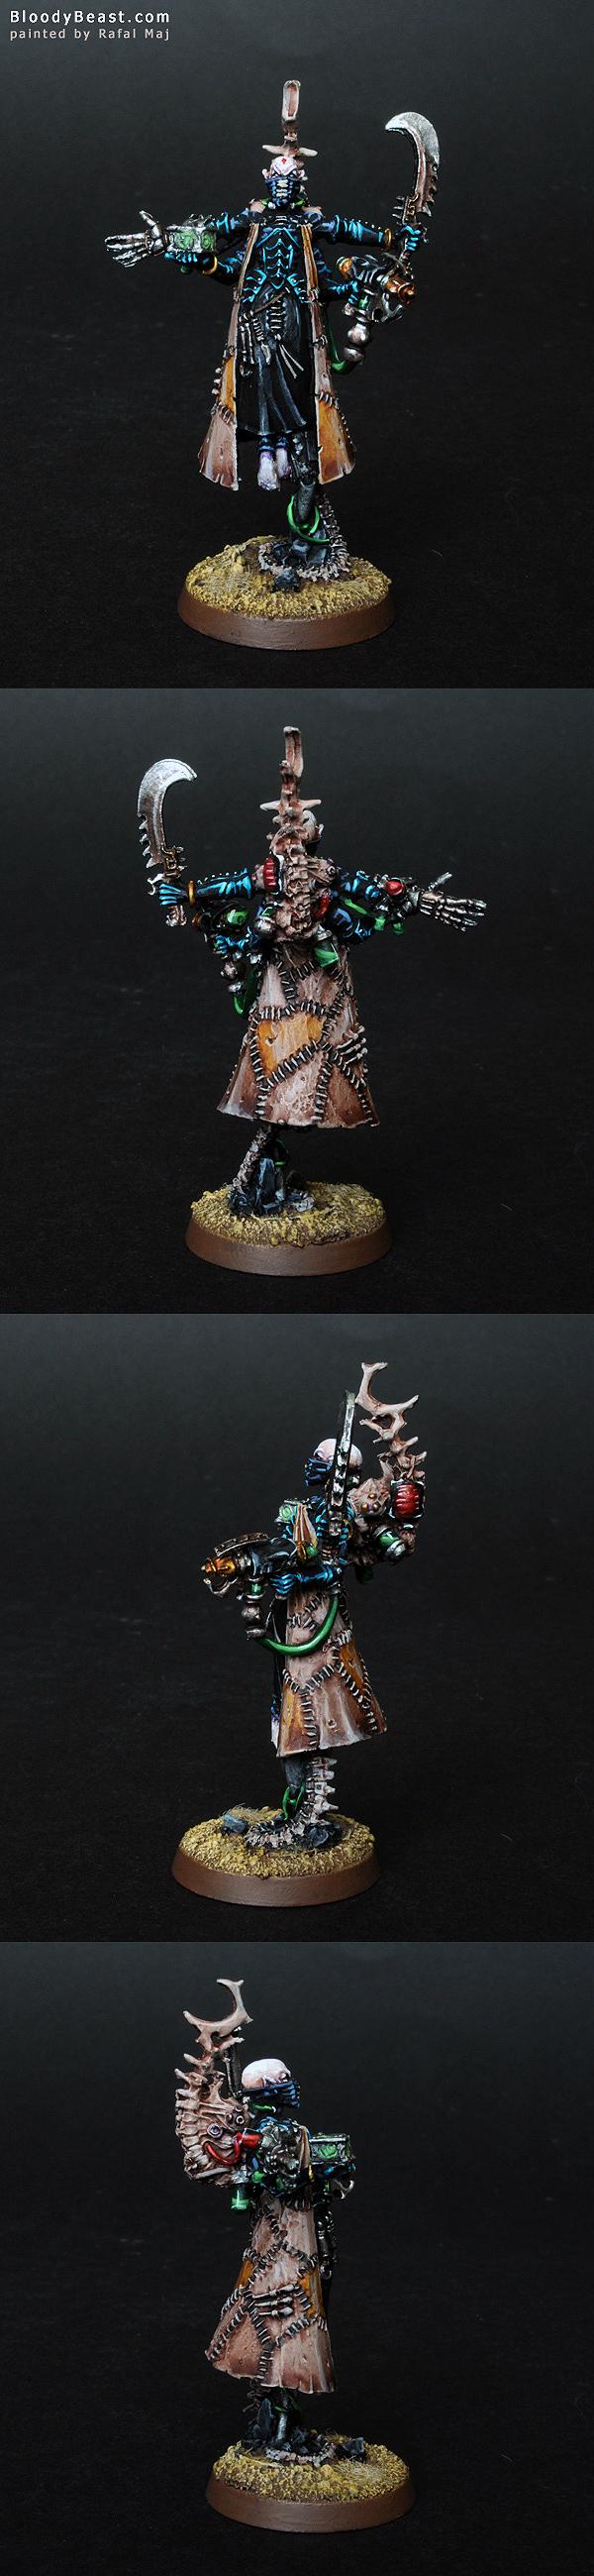 Dark Eldar Haemonculus painted by Rafal Maj (BloodyBeast.com)